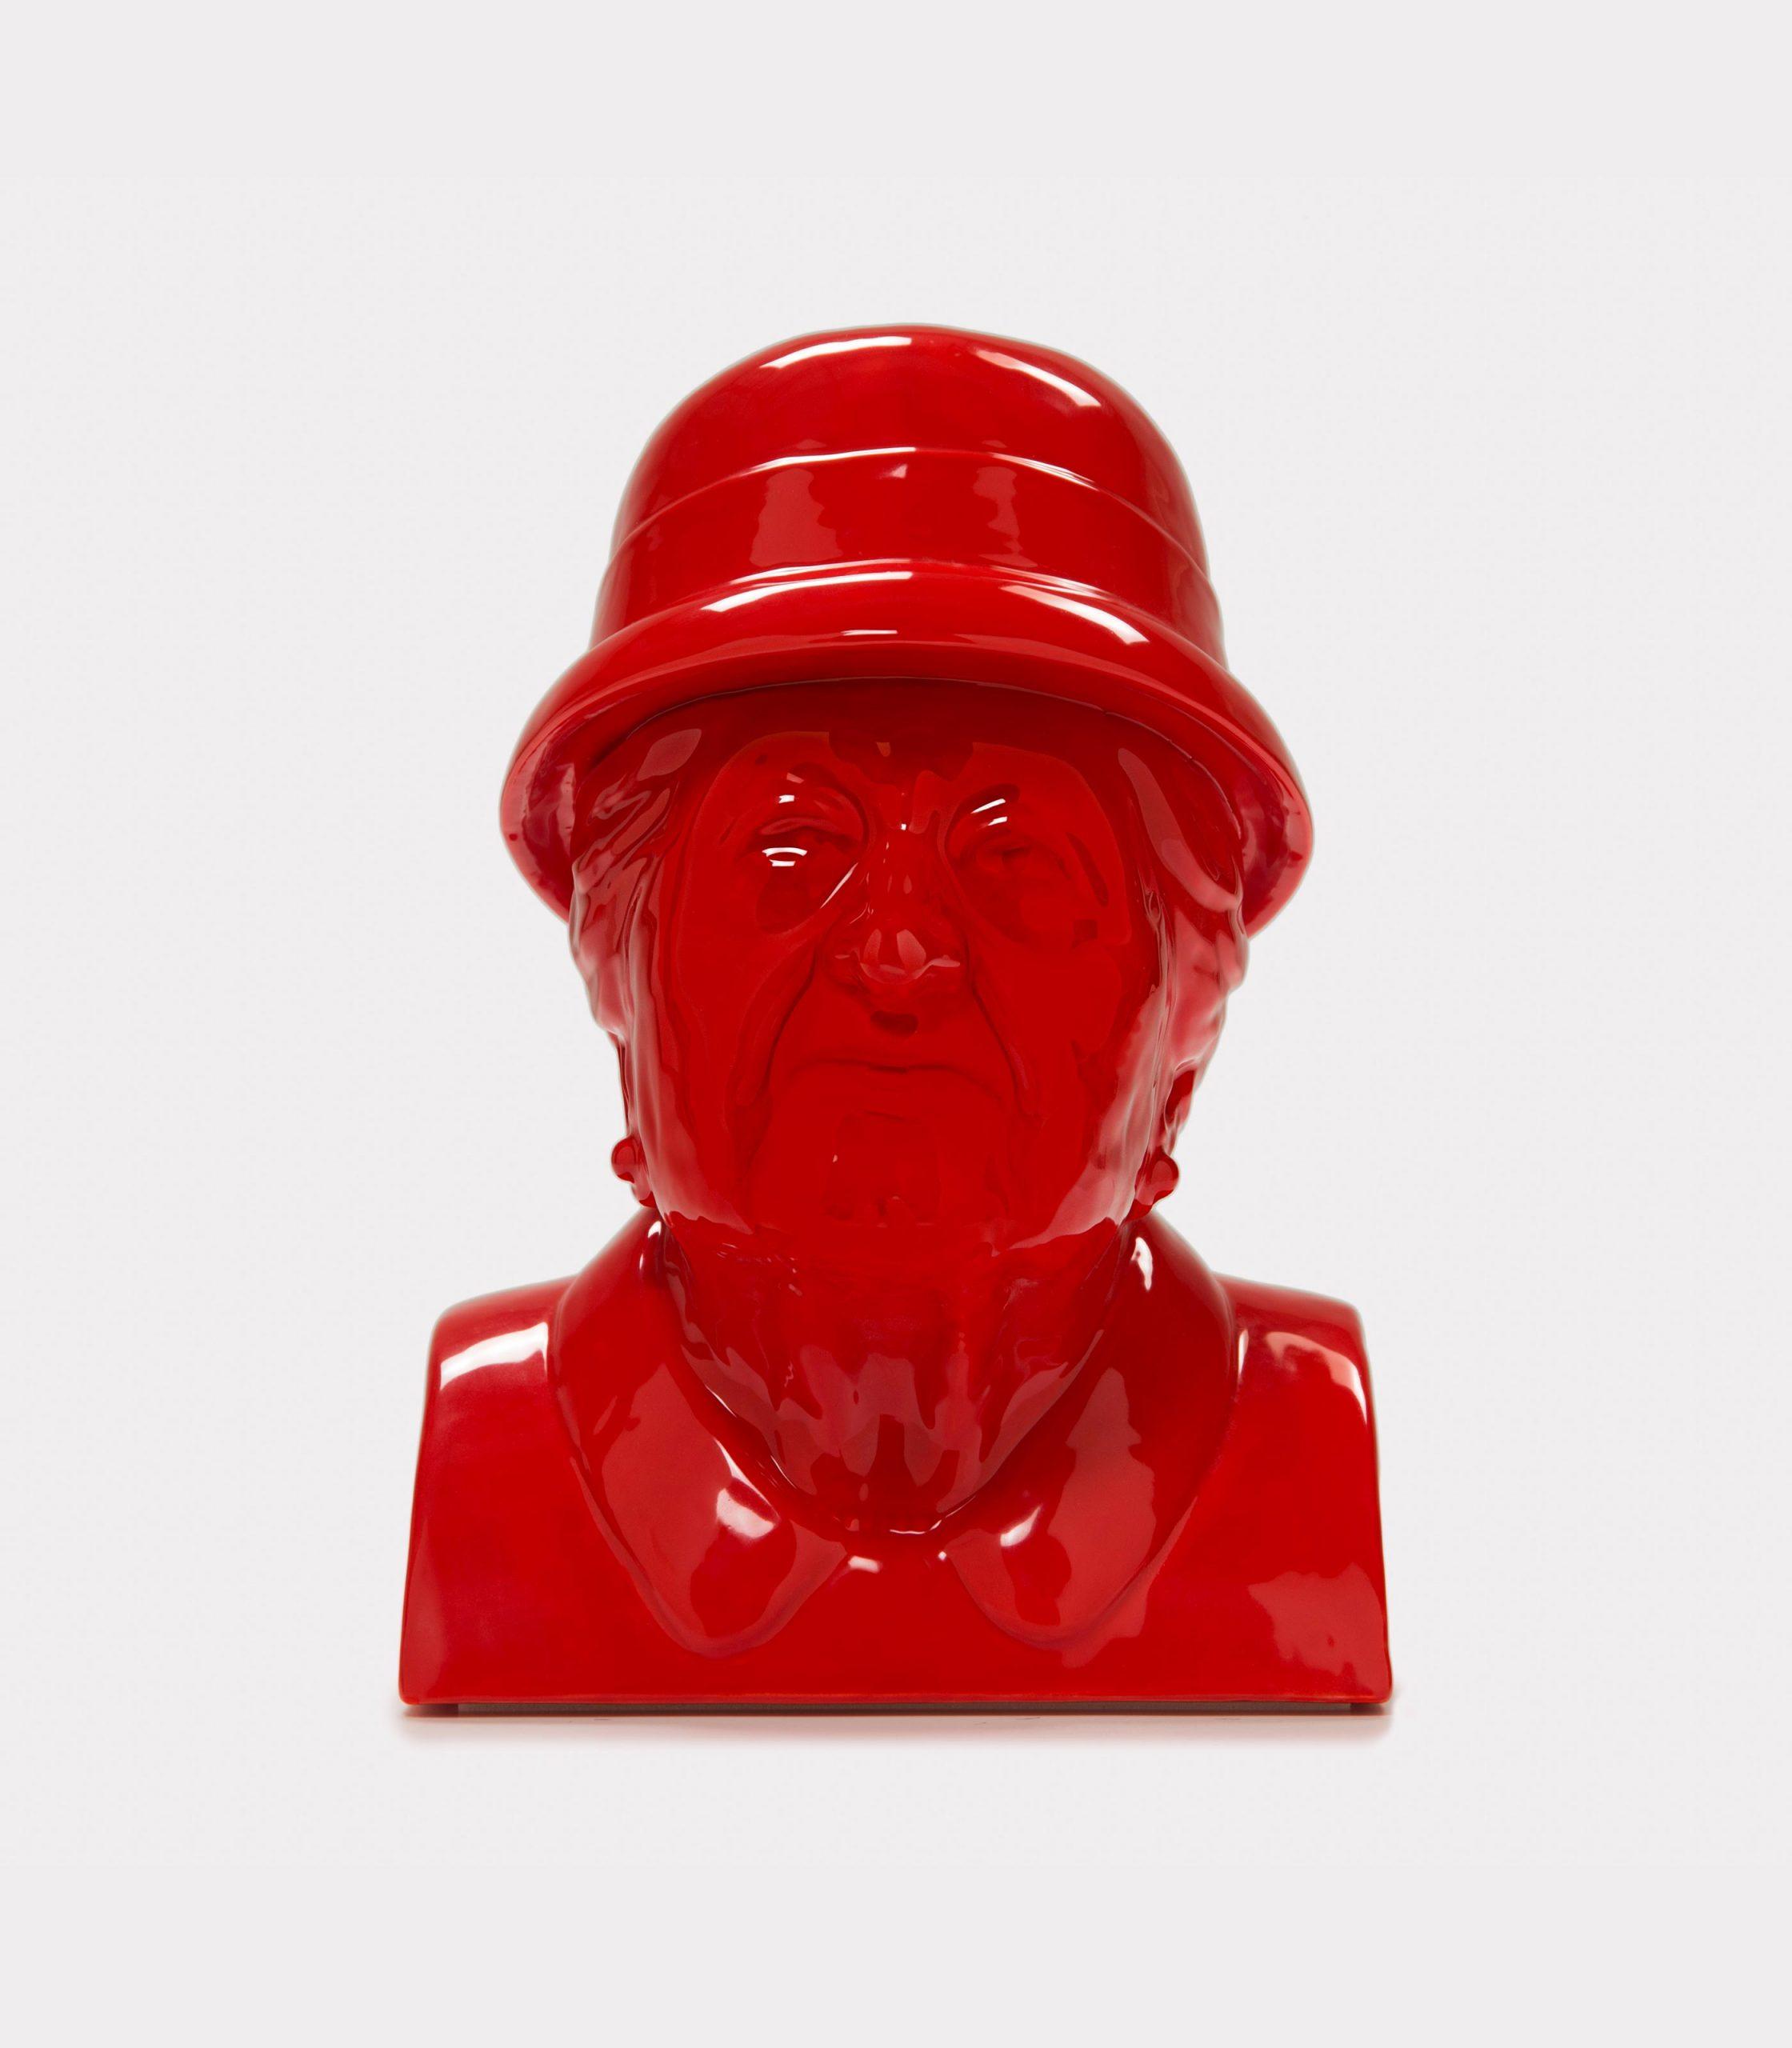 La Gisella rosso loopo milano design F